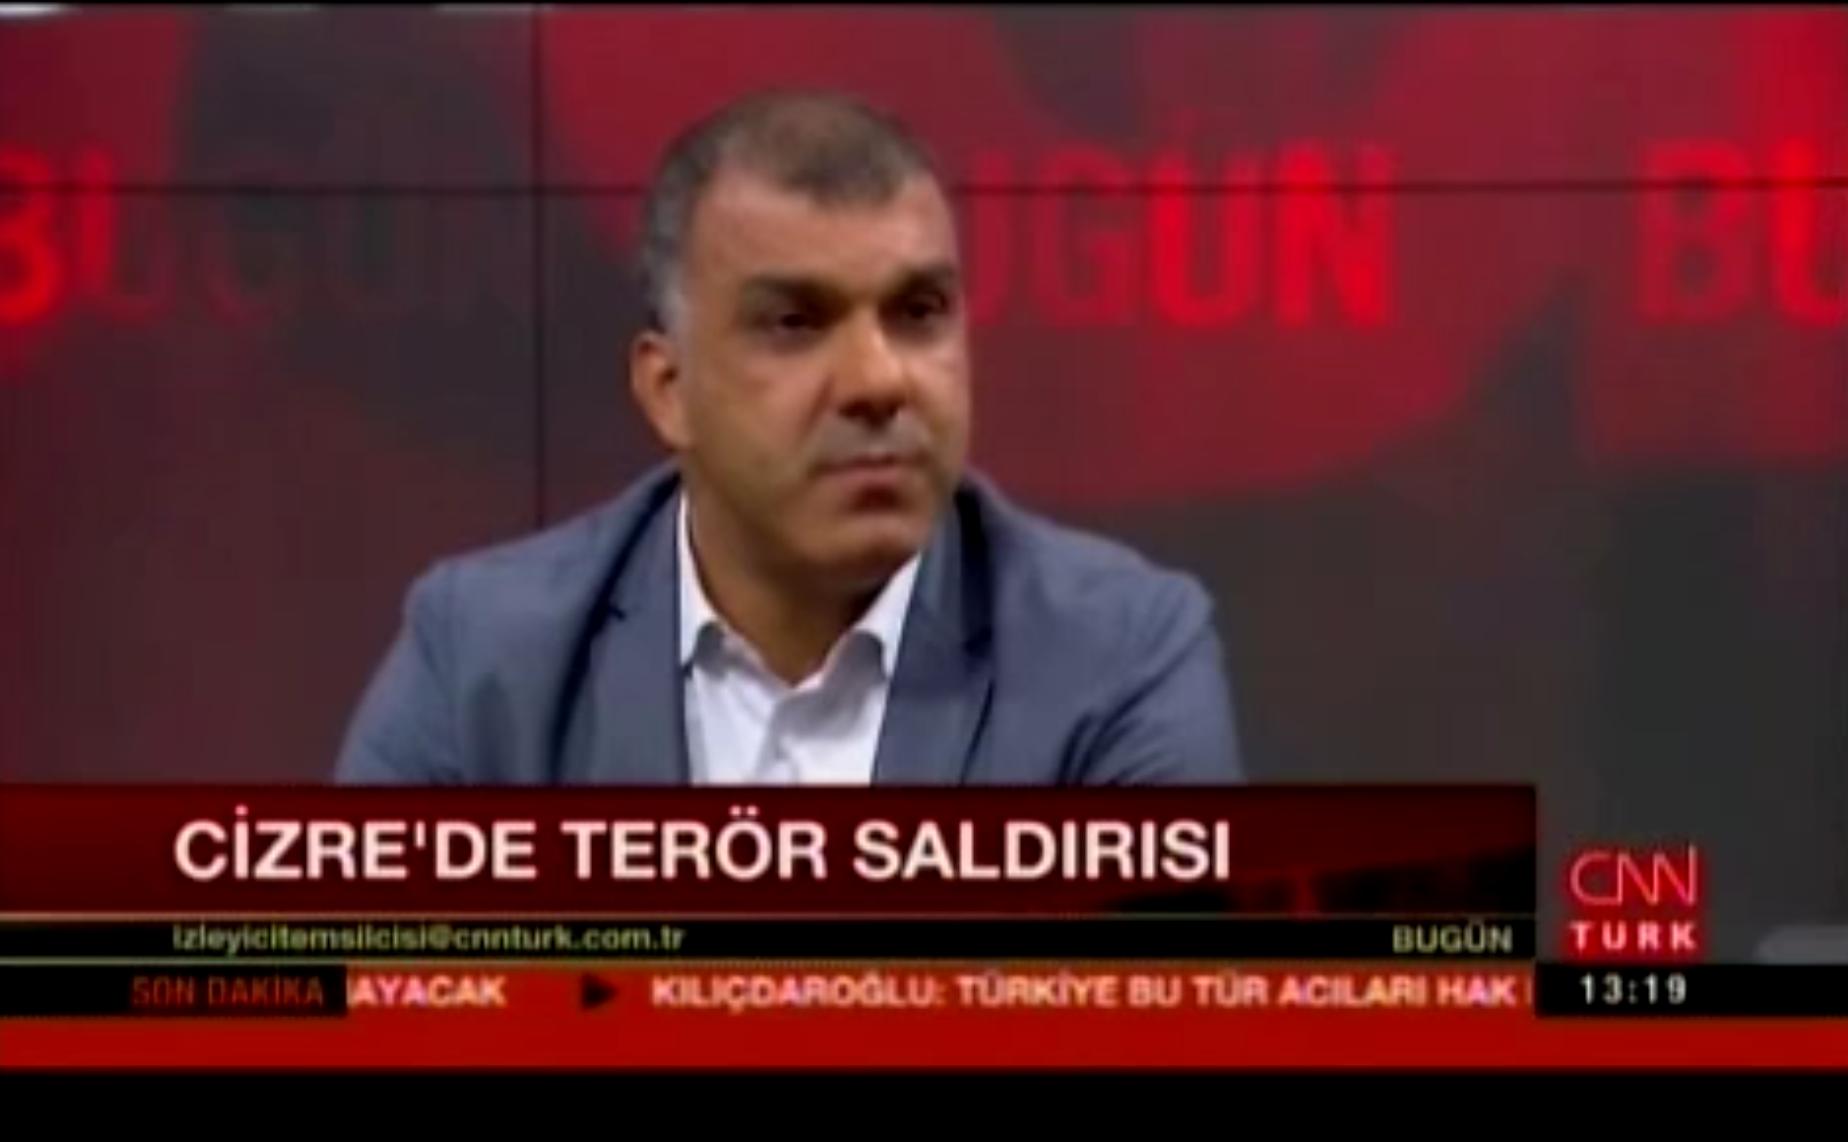 Tarkan Kadooğlu - CNN Türk 26.08.2016